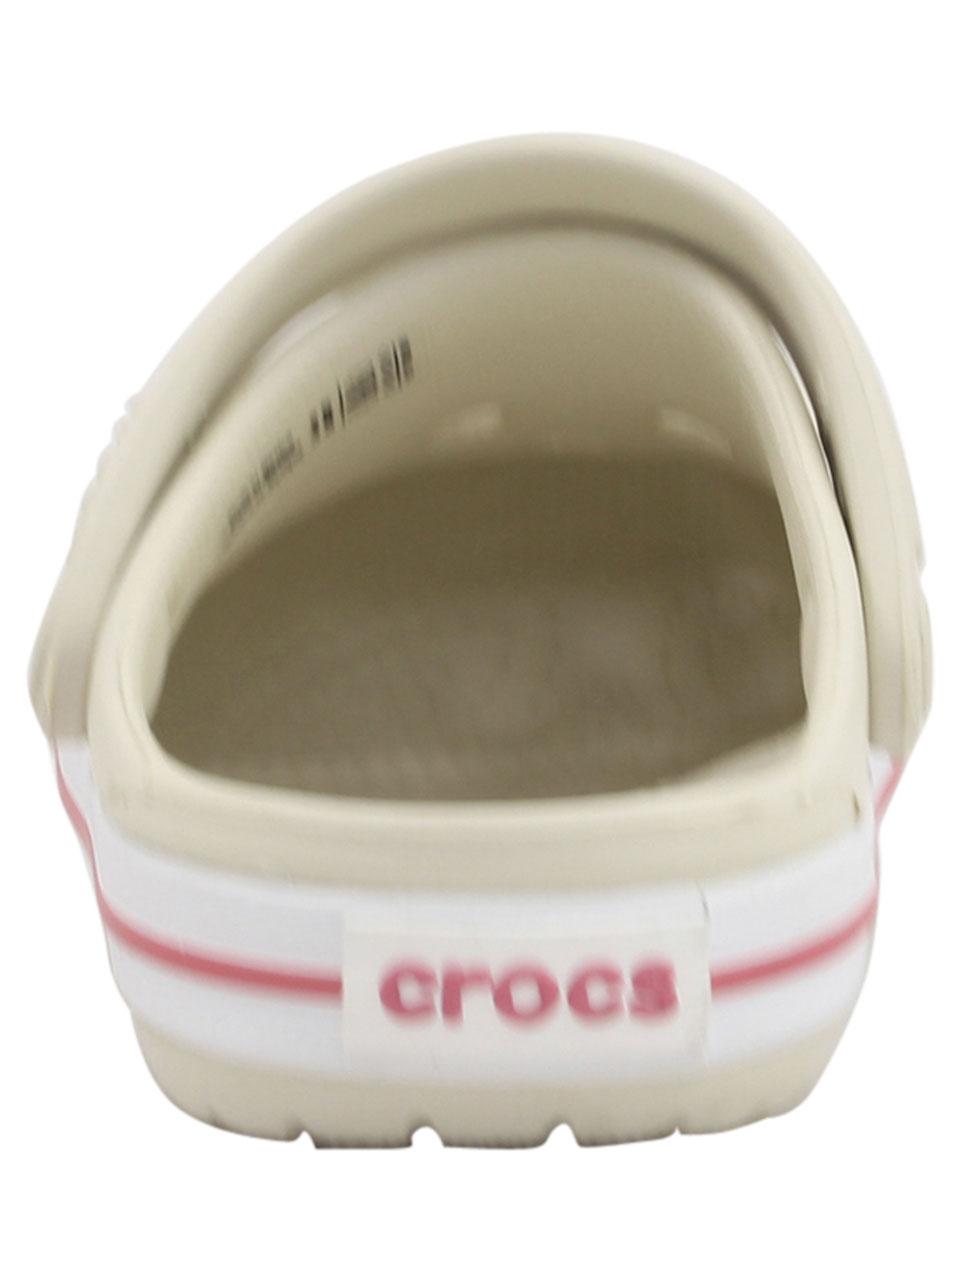 Crocs-Little-Kid-039-s-Crocband-Clogs-Sandals-Shoes thumbnail 25